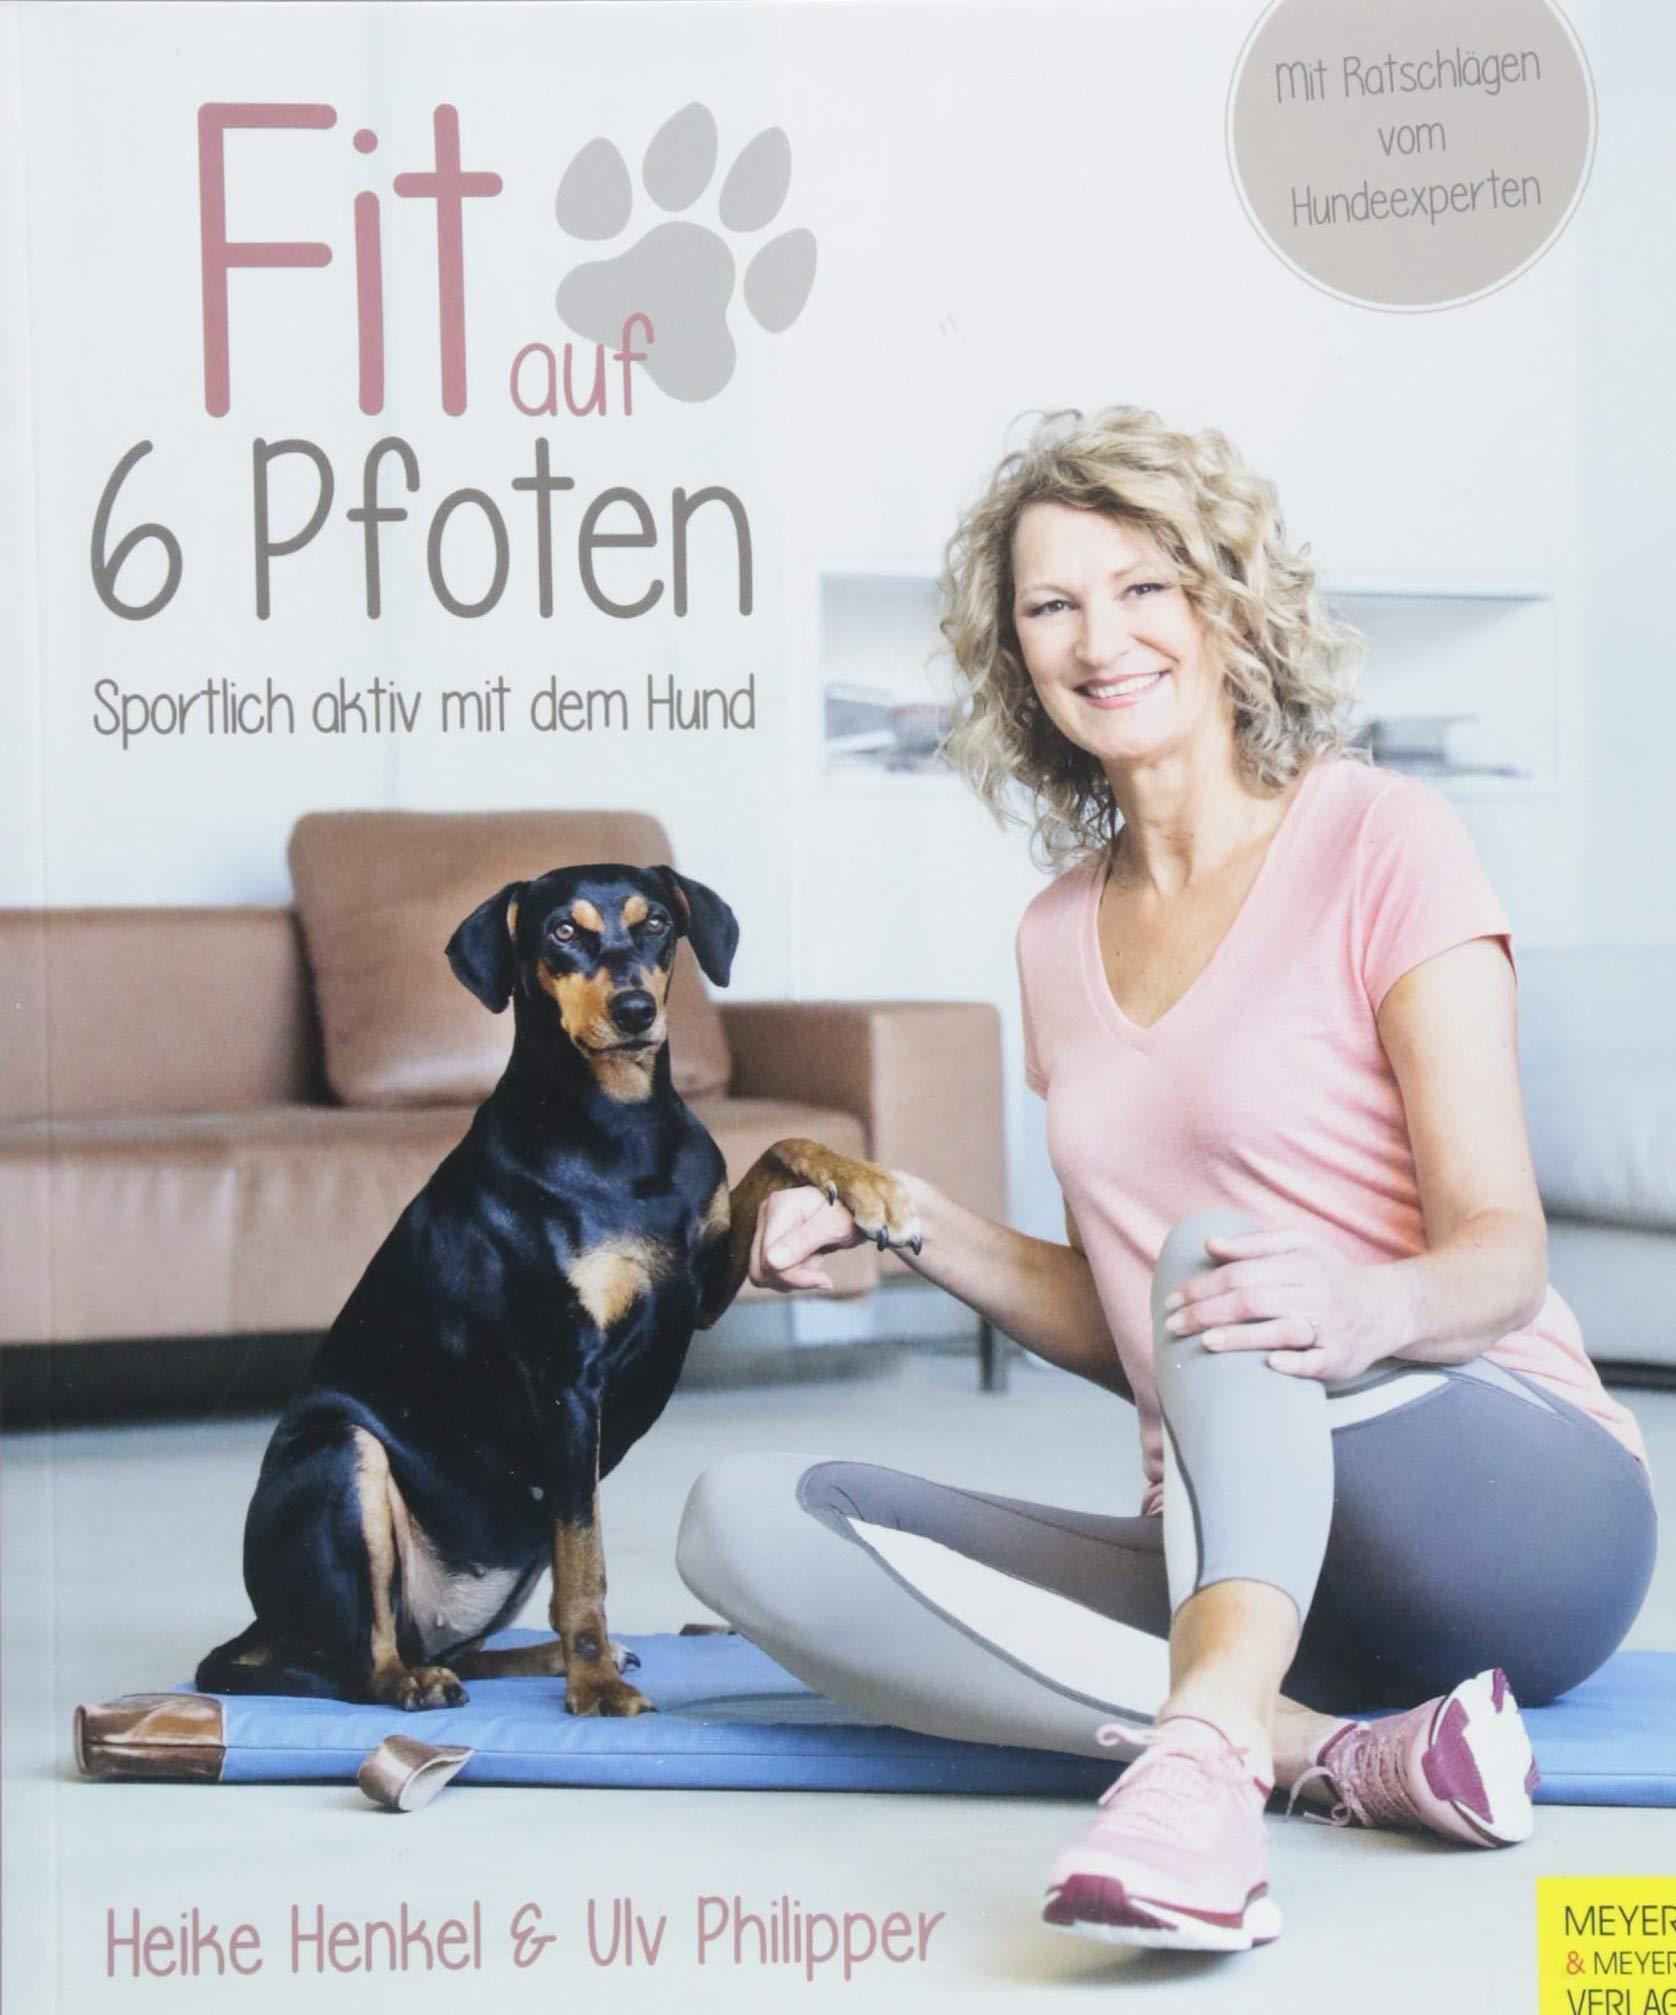 Fit Auf 6 Pfoten Sportlich Aktiv Mit Dem Hund Amazon De Henkel Heike Philipper Ulv Bucher